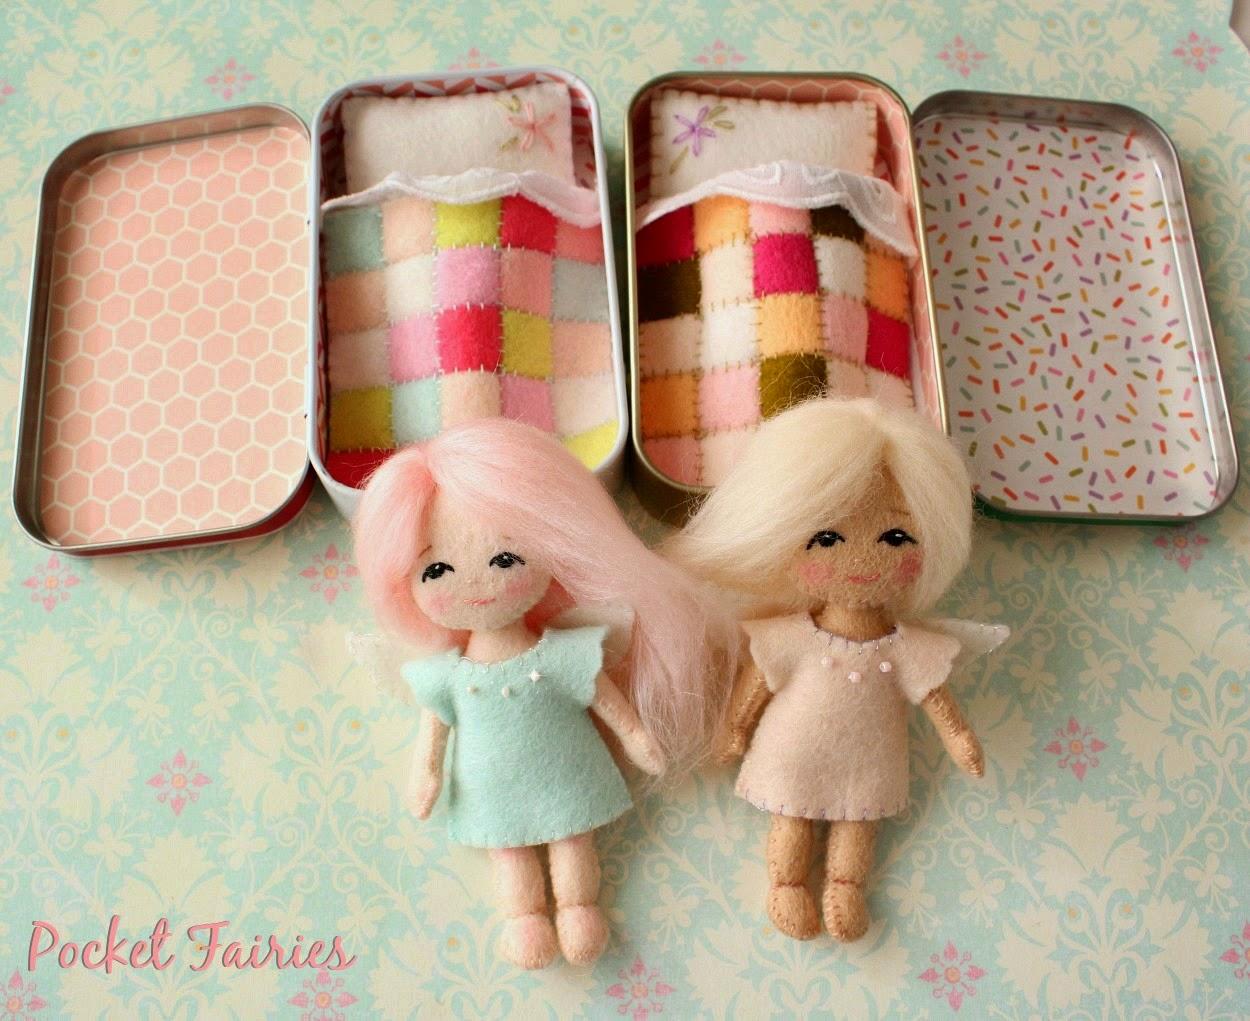 http://3.bp.blogspot.com/-X8jgri1D-lg/VOUzTG8Ct2I/AAAAAAAAC1E/i6ELgGVI88M/s1600/pocket%2Bfairies.jpg